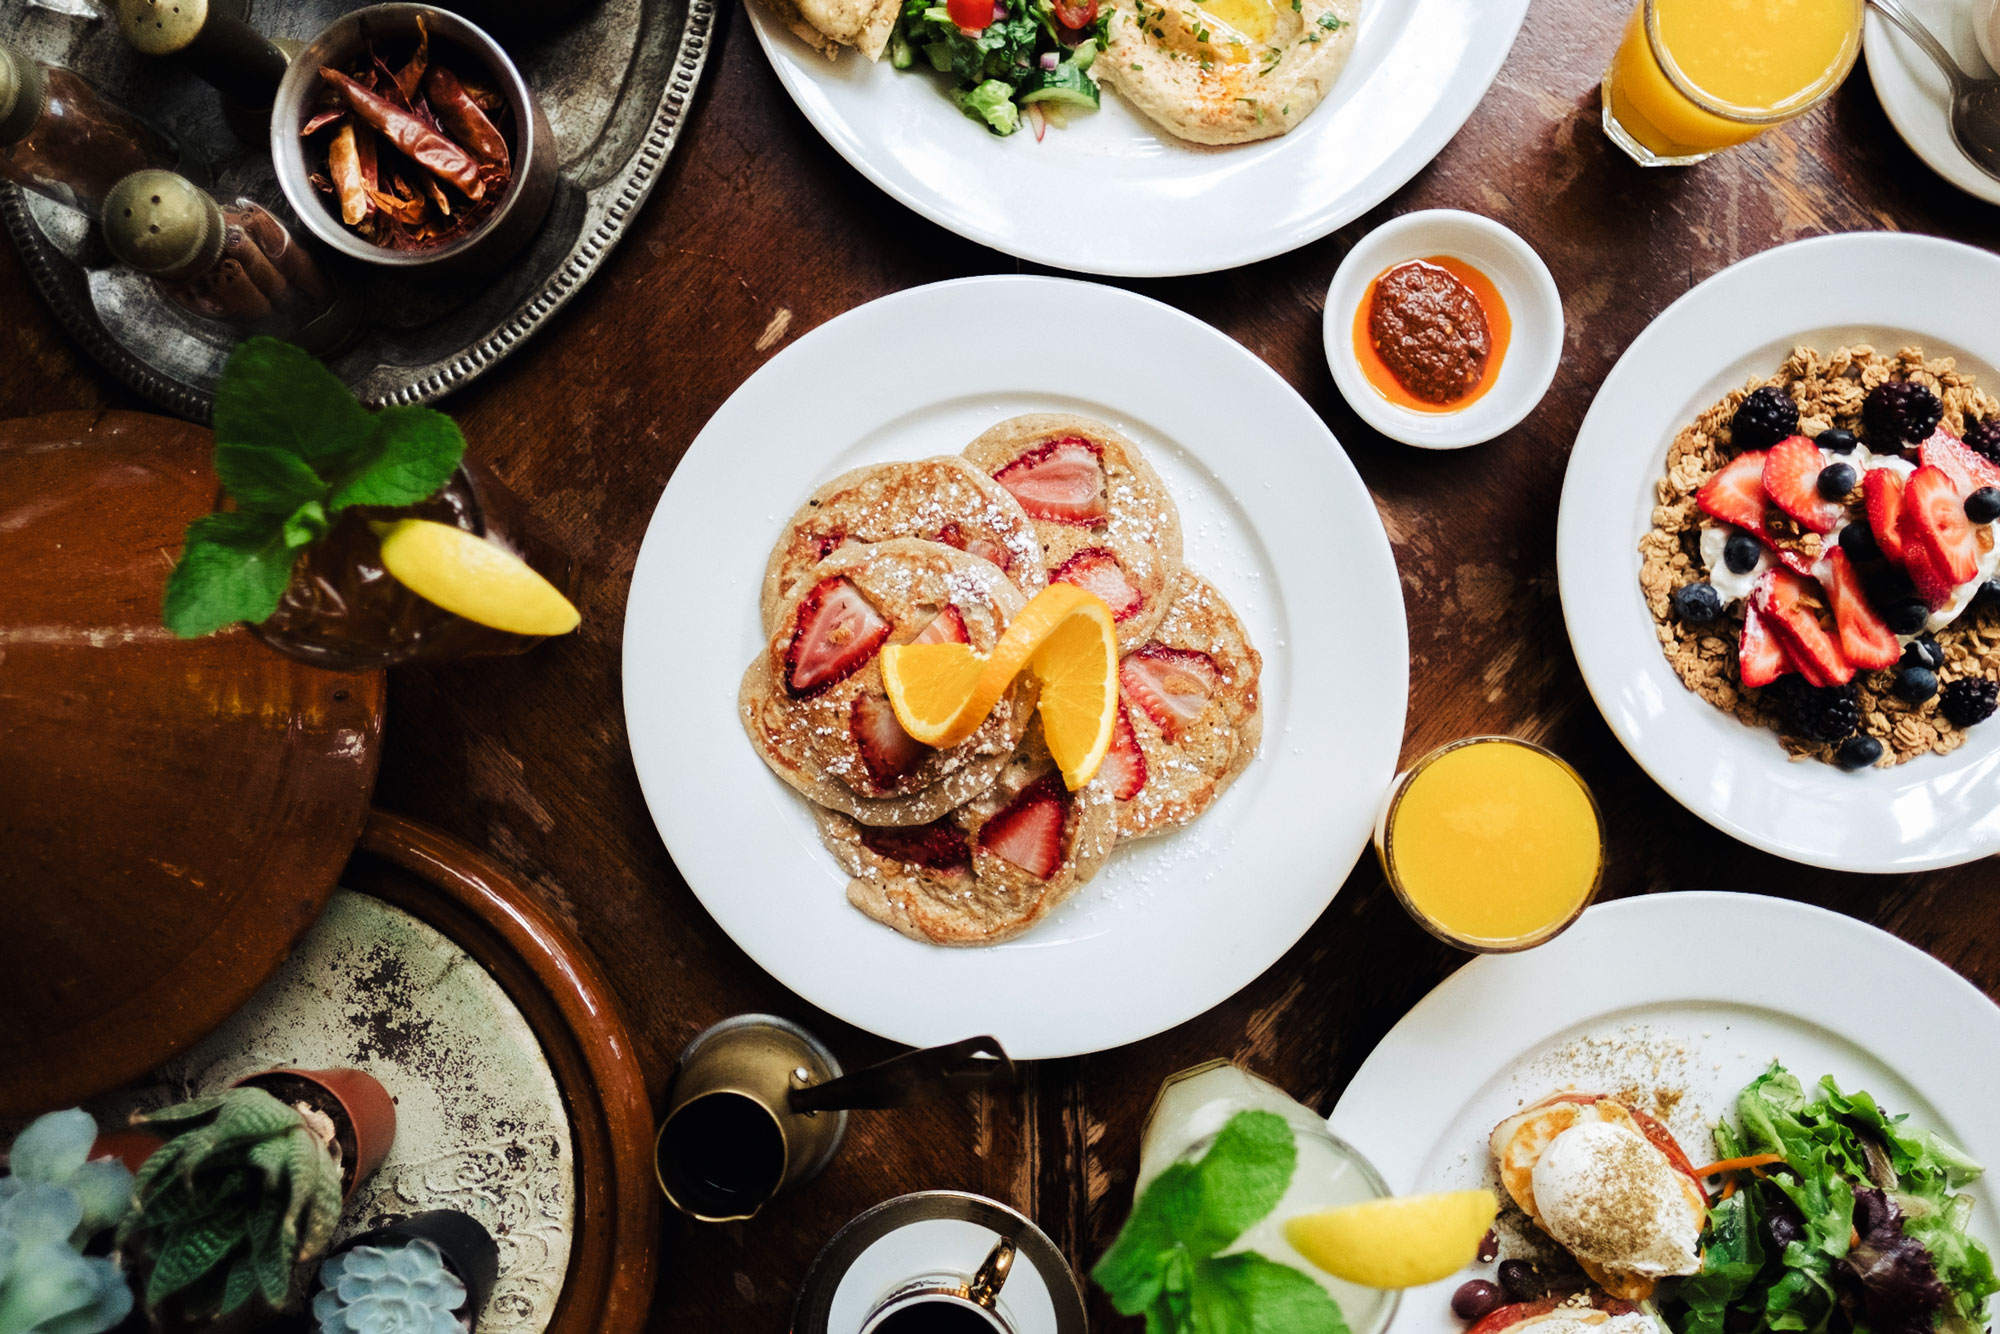 Breakfast spread, pancakes, granola, halloumi eggs, harissa, orange juice